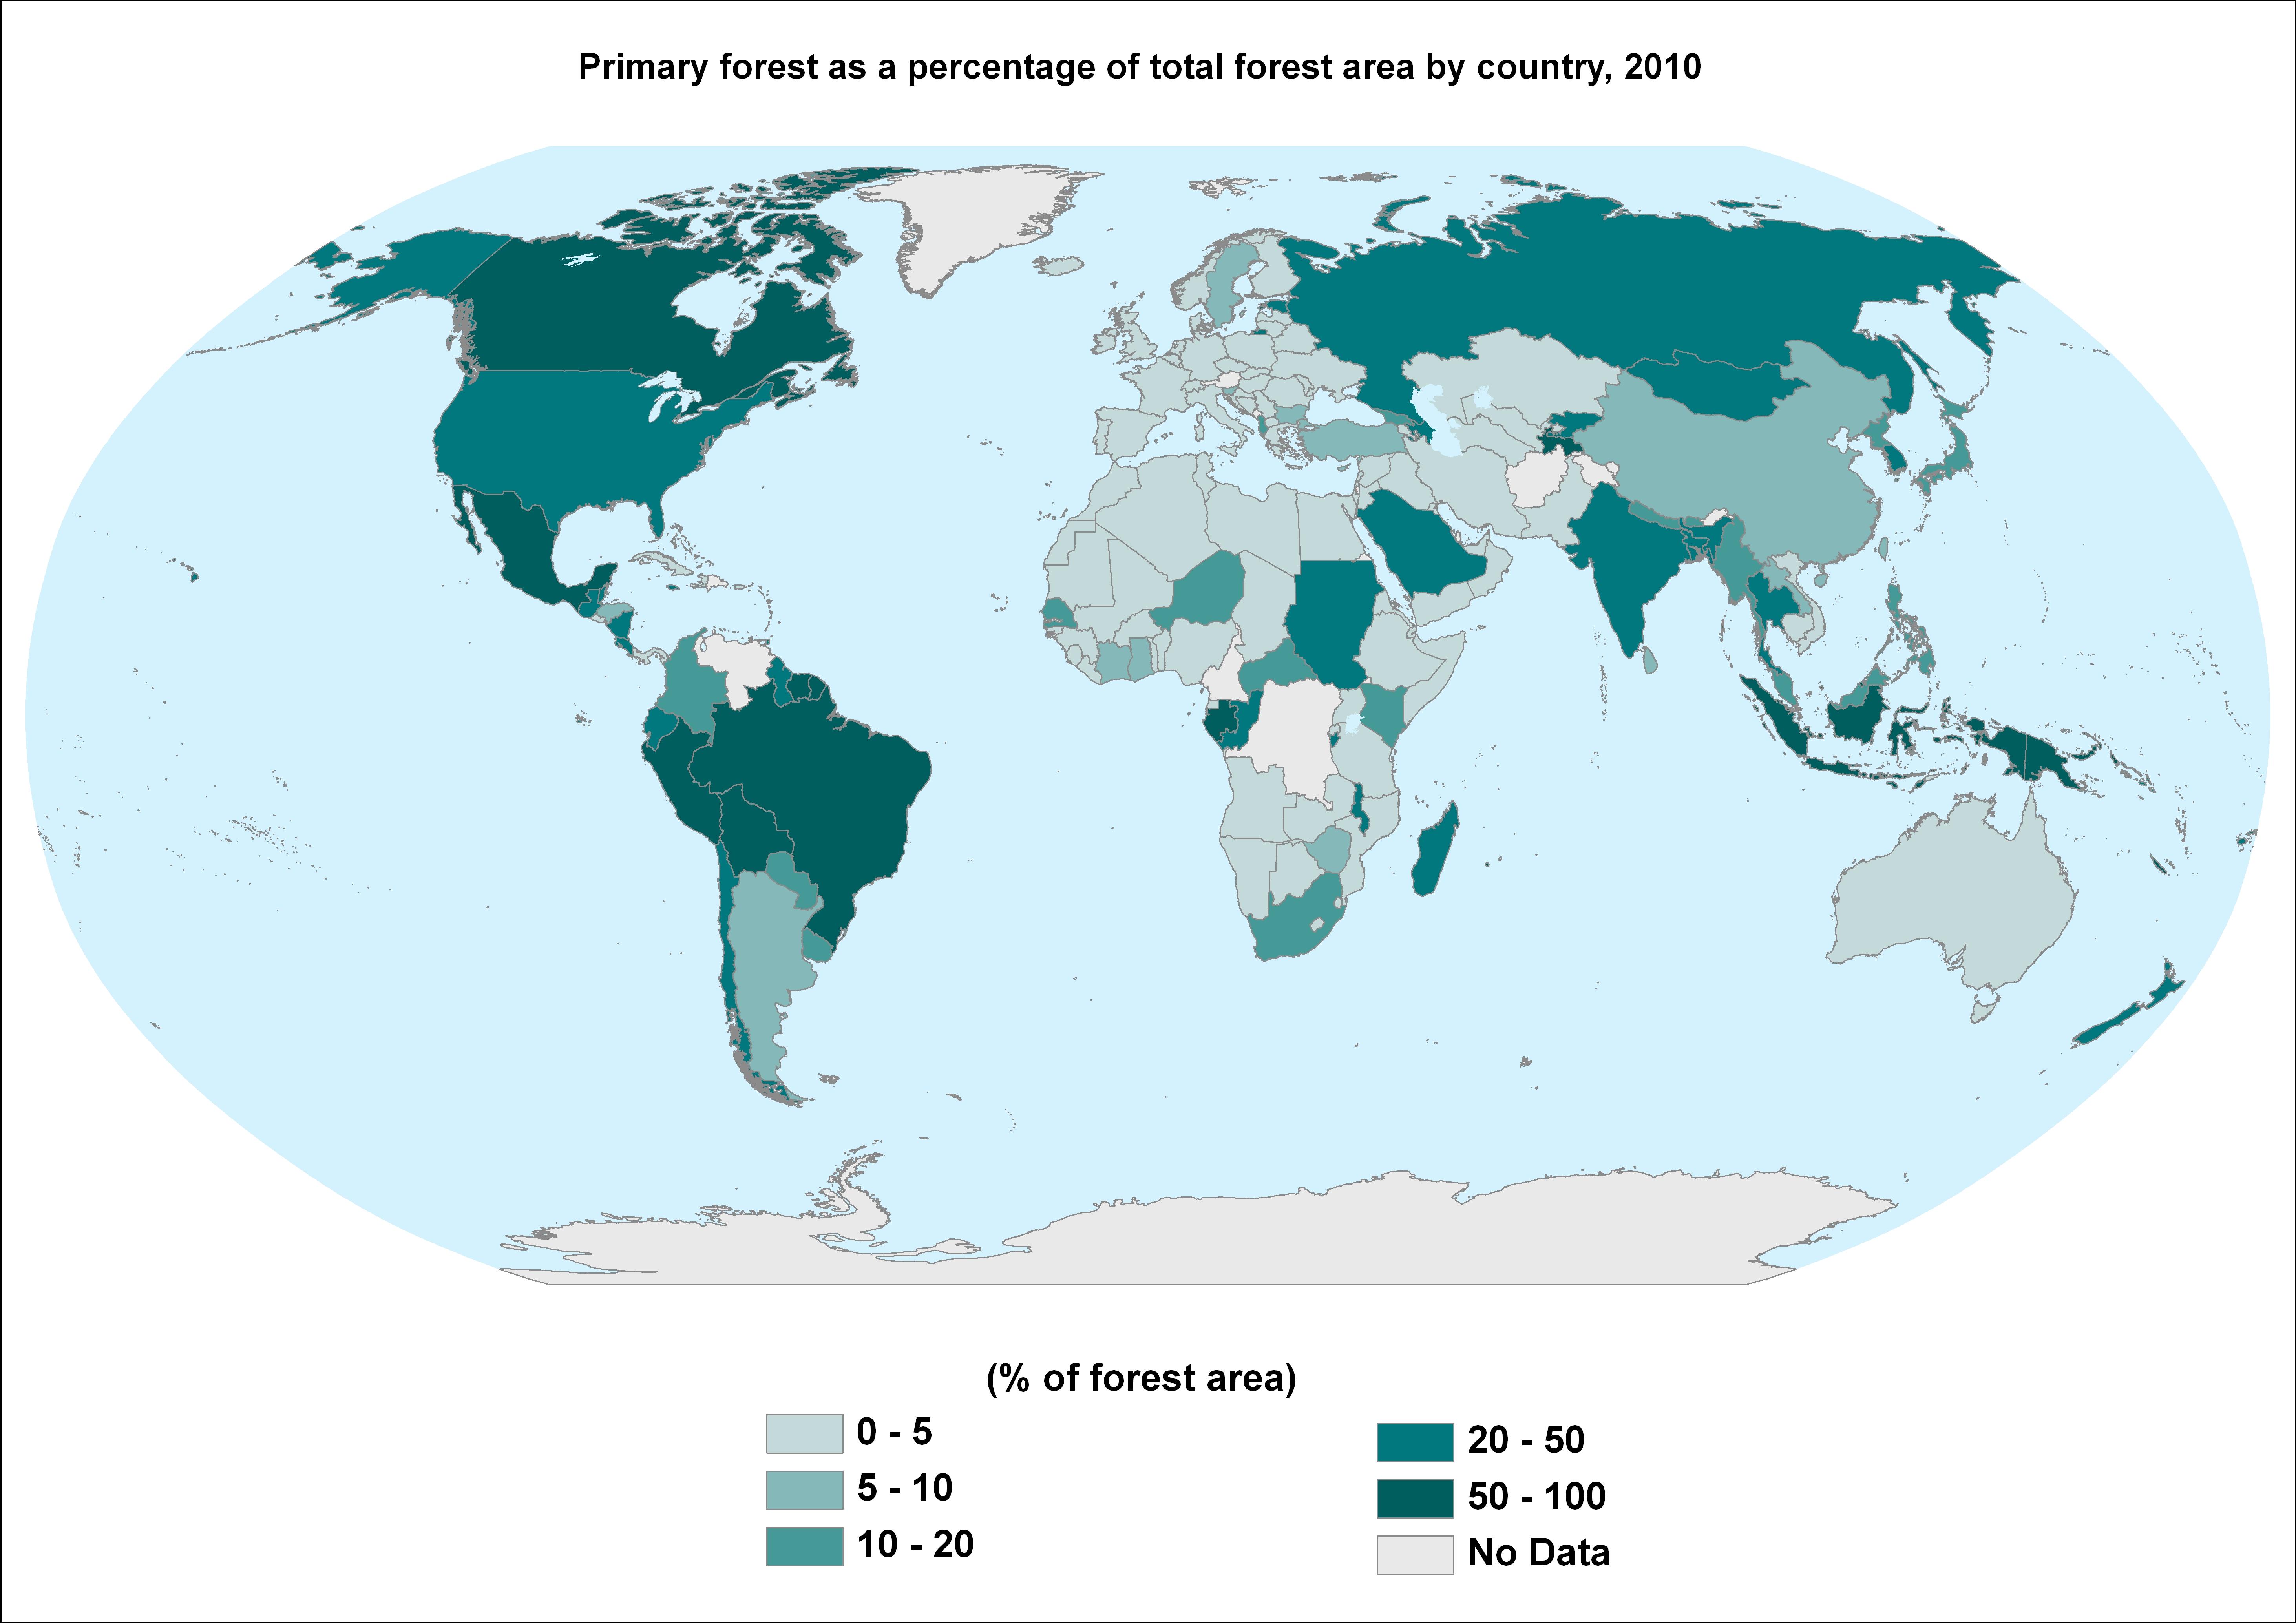 Percentuale di foreste primarie rispetto alla superficie forestale totale